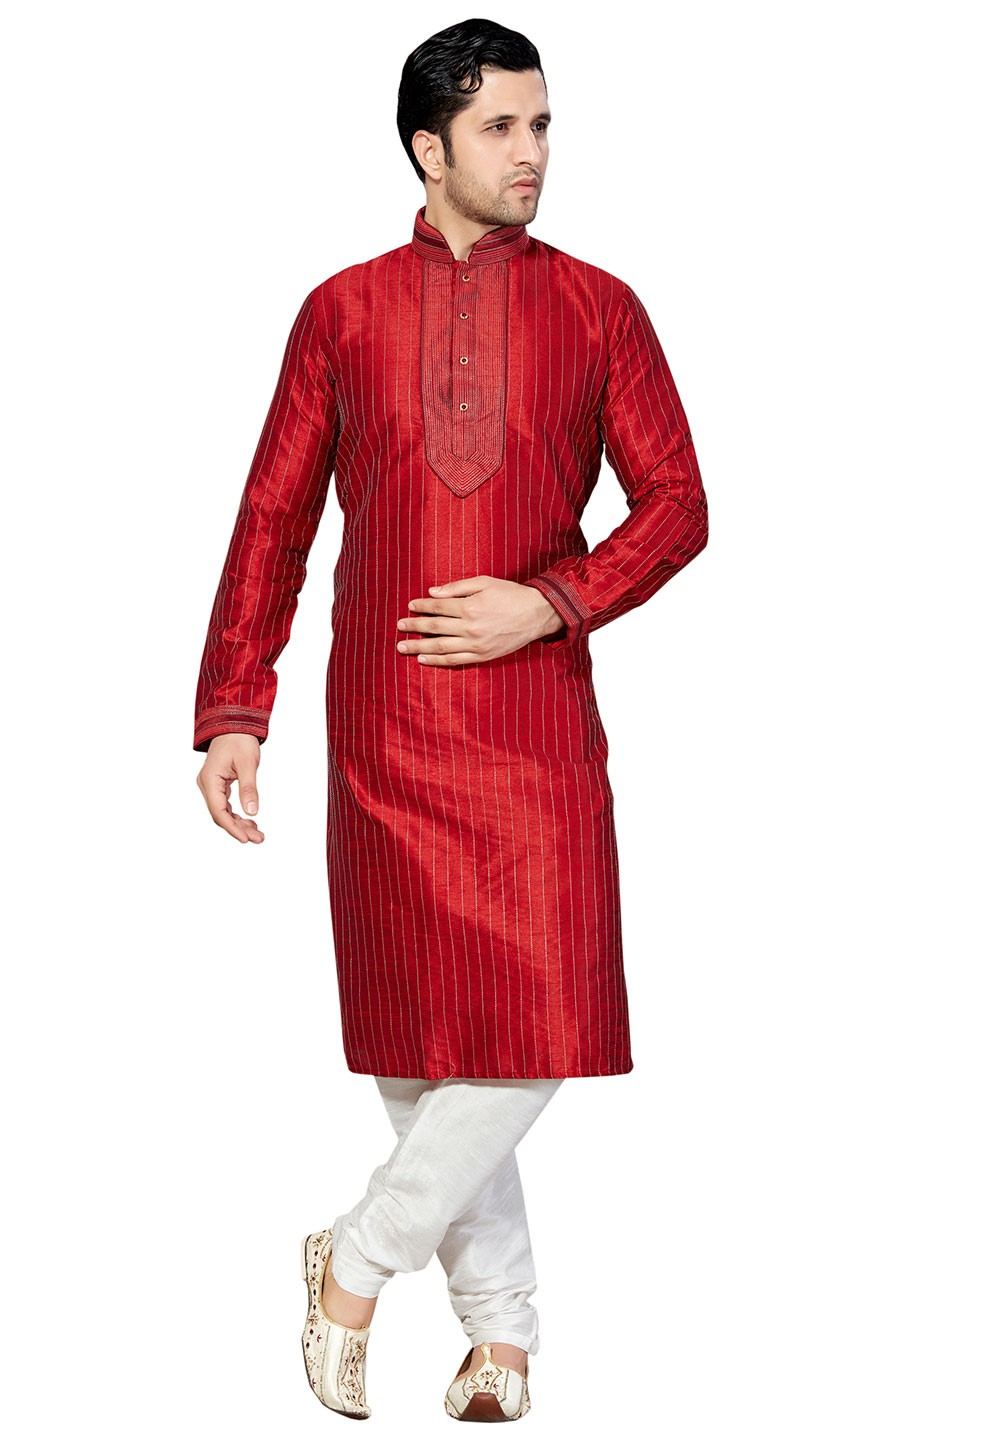 Exquisite Maroon Color Dupion Silk Readymade Kurta Pyjama.